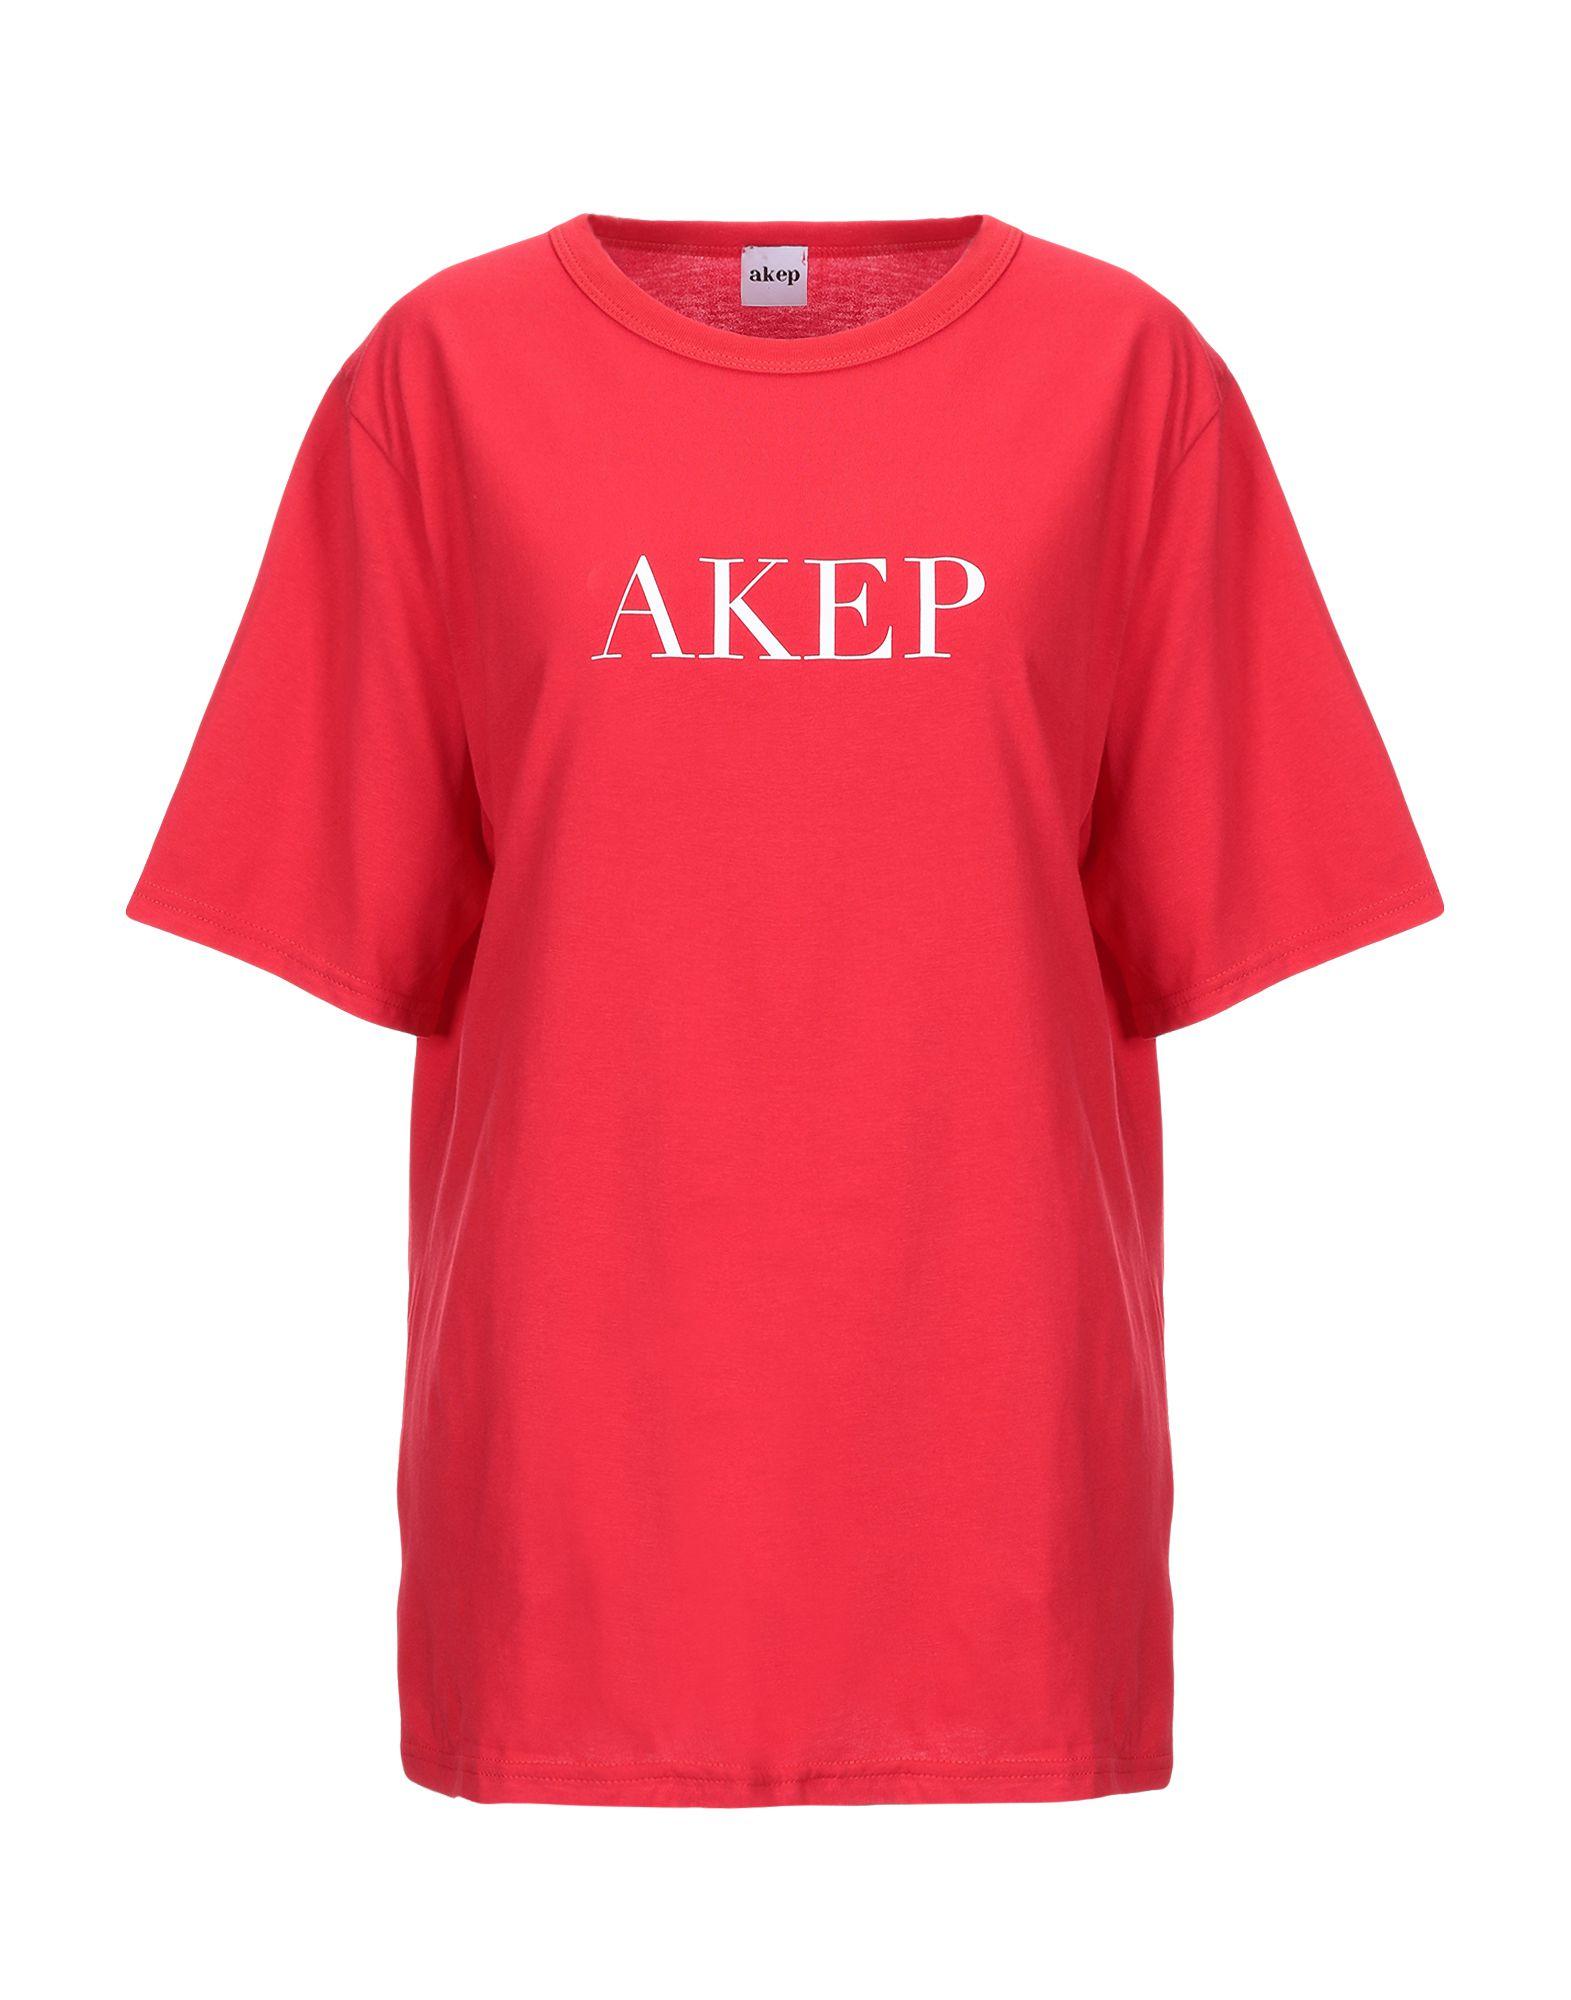 《送料無料》AKEP レディース T シャツ レッド S コットン 100%